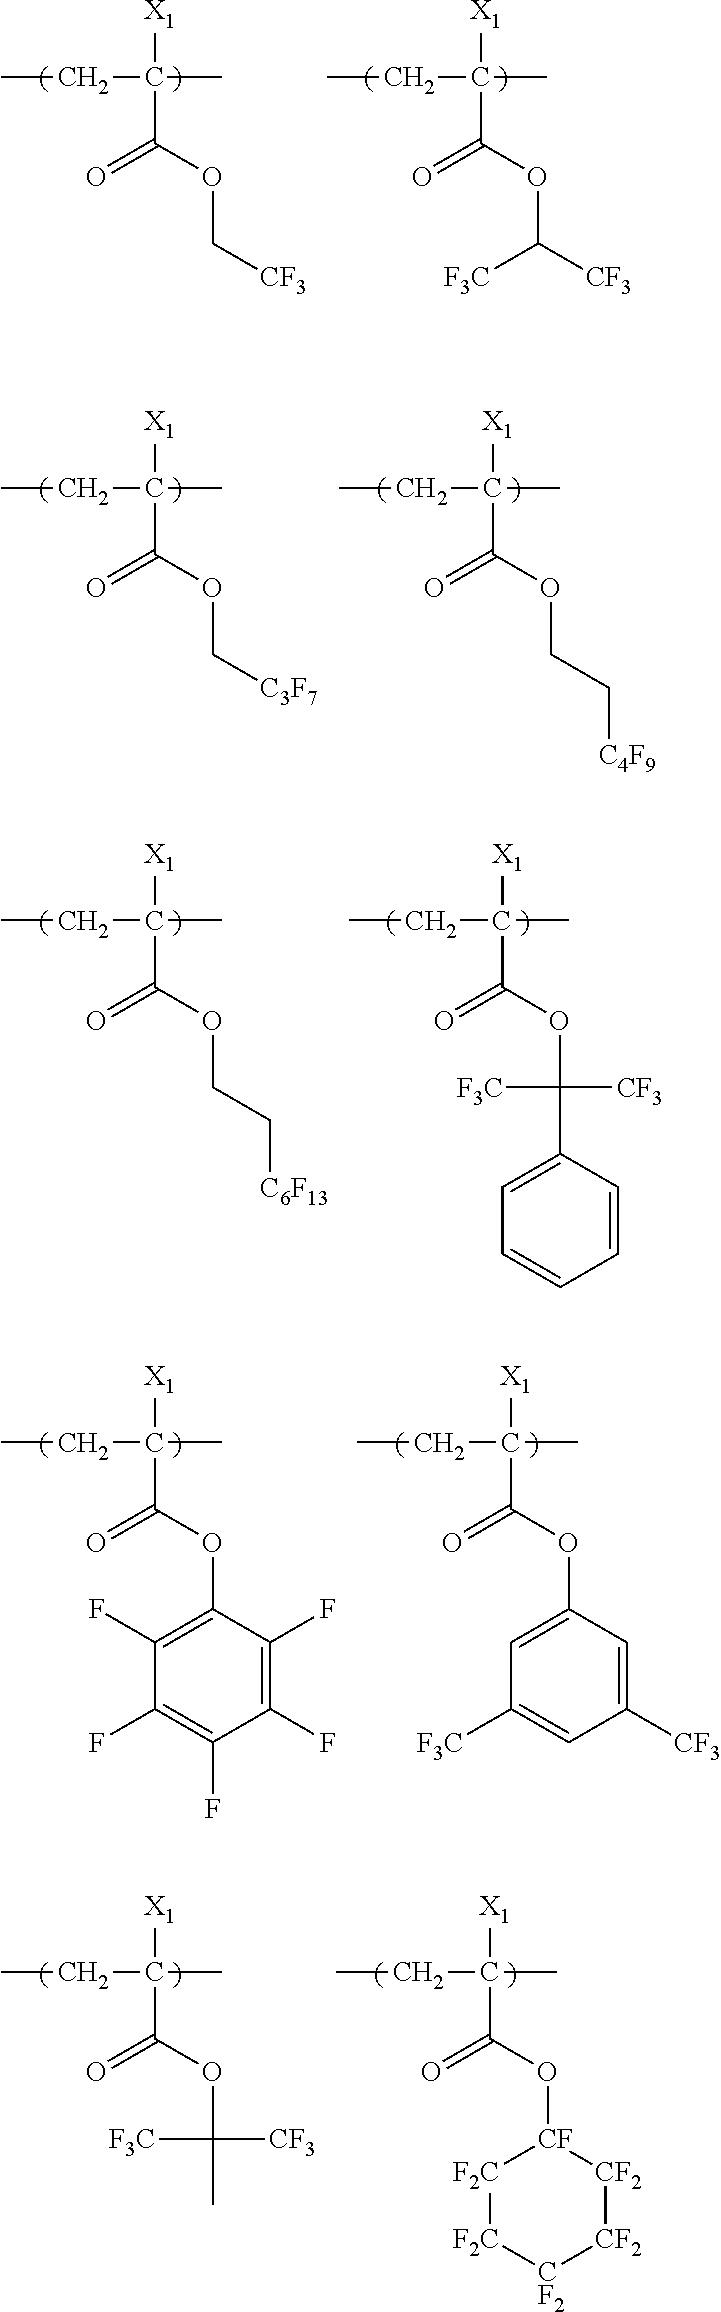 Figure US20110183258A1-20110728-C00102